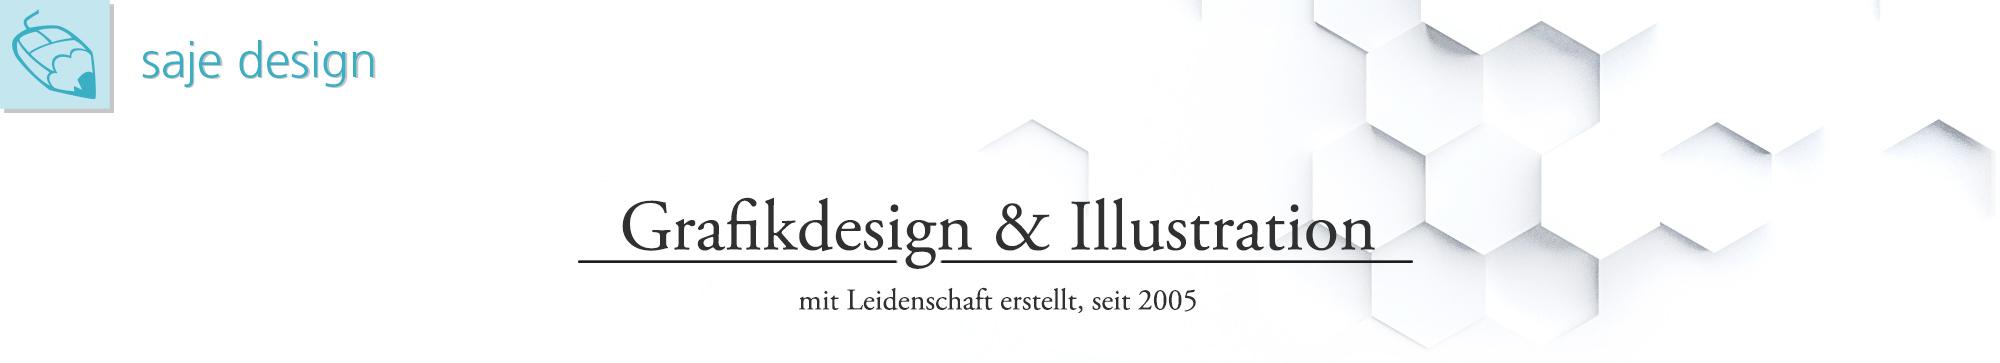 saje design bonn